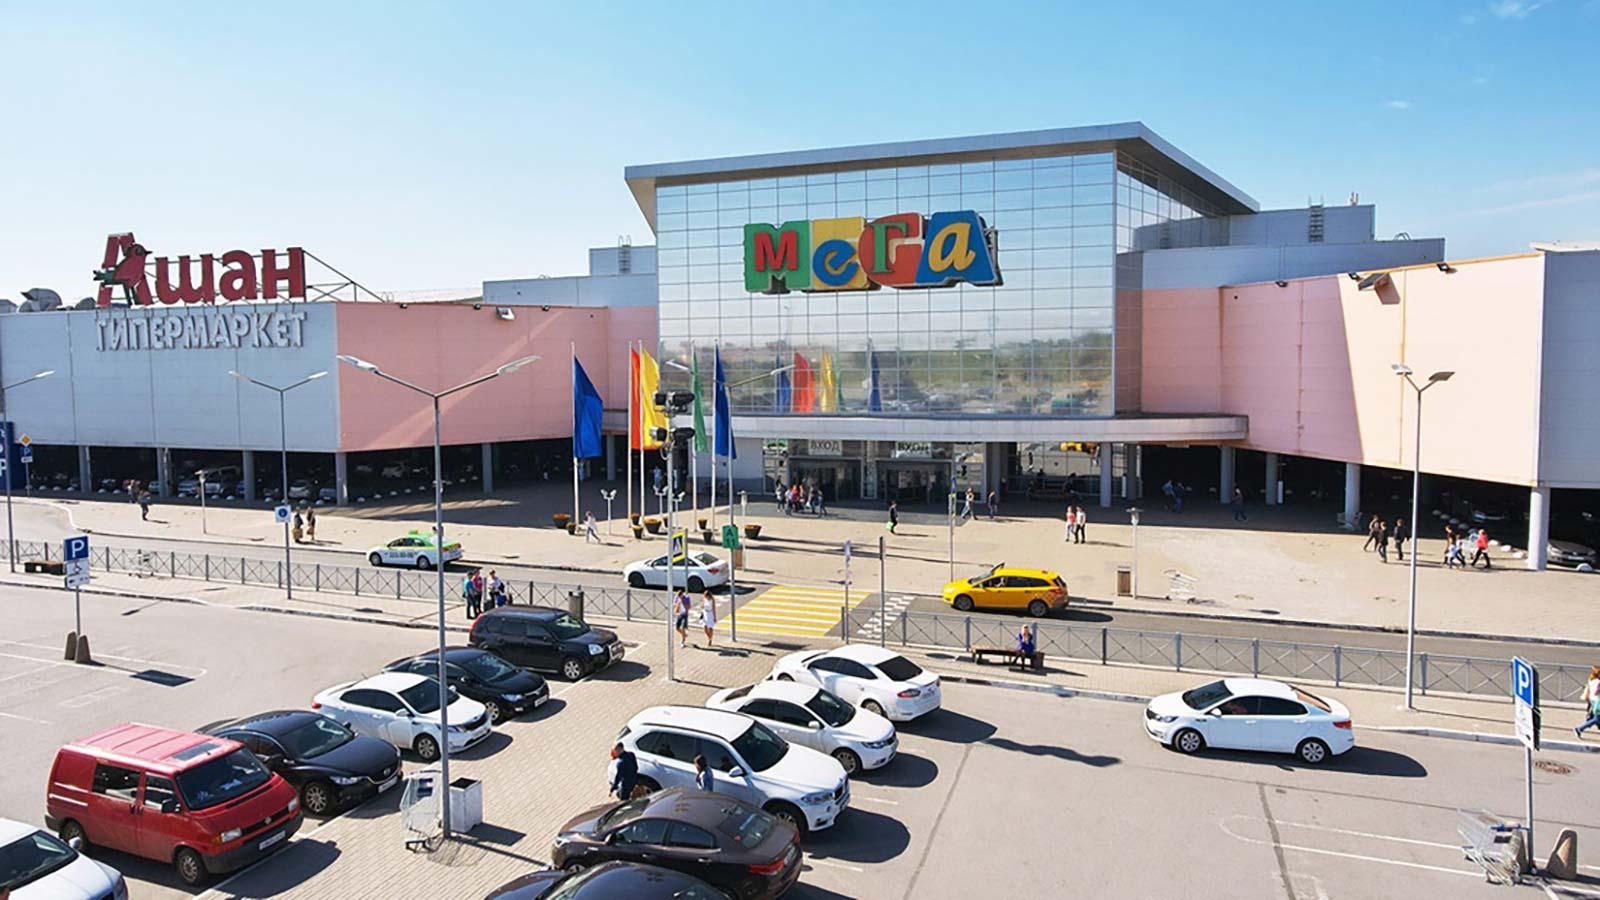 Мега (сеть торговых центров)